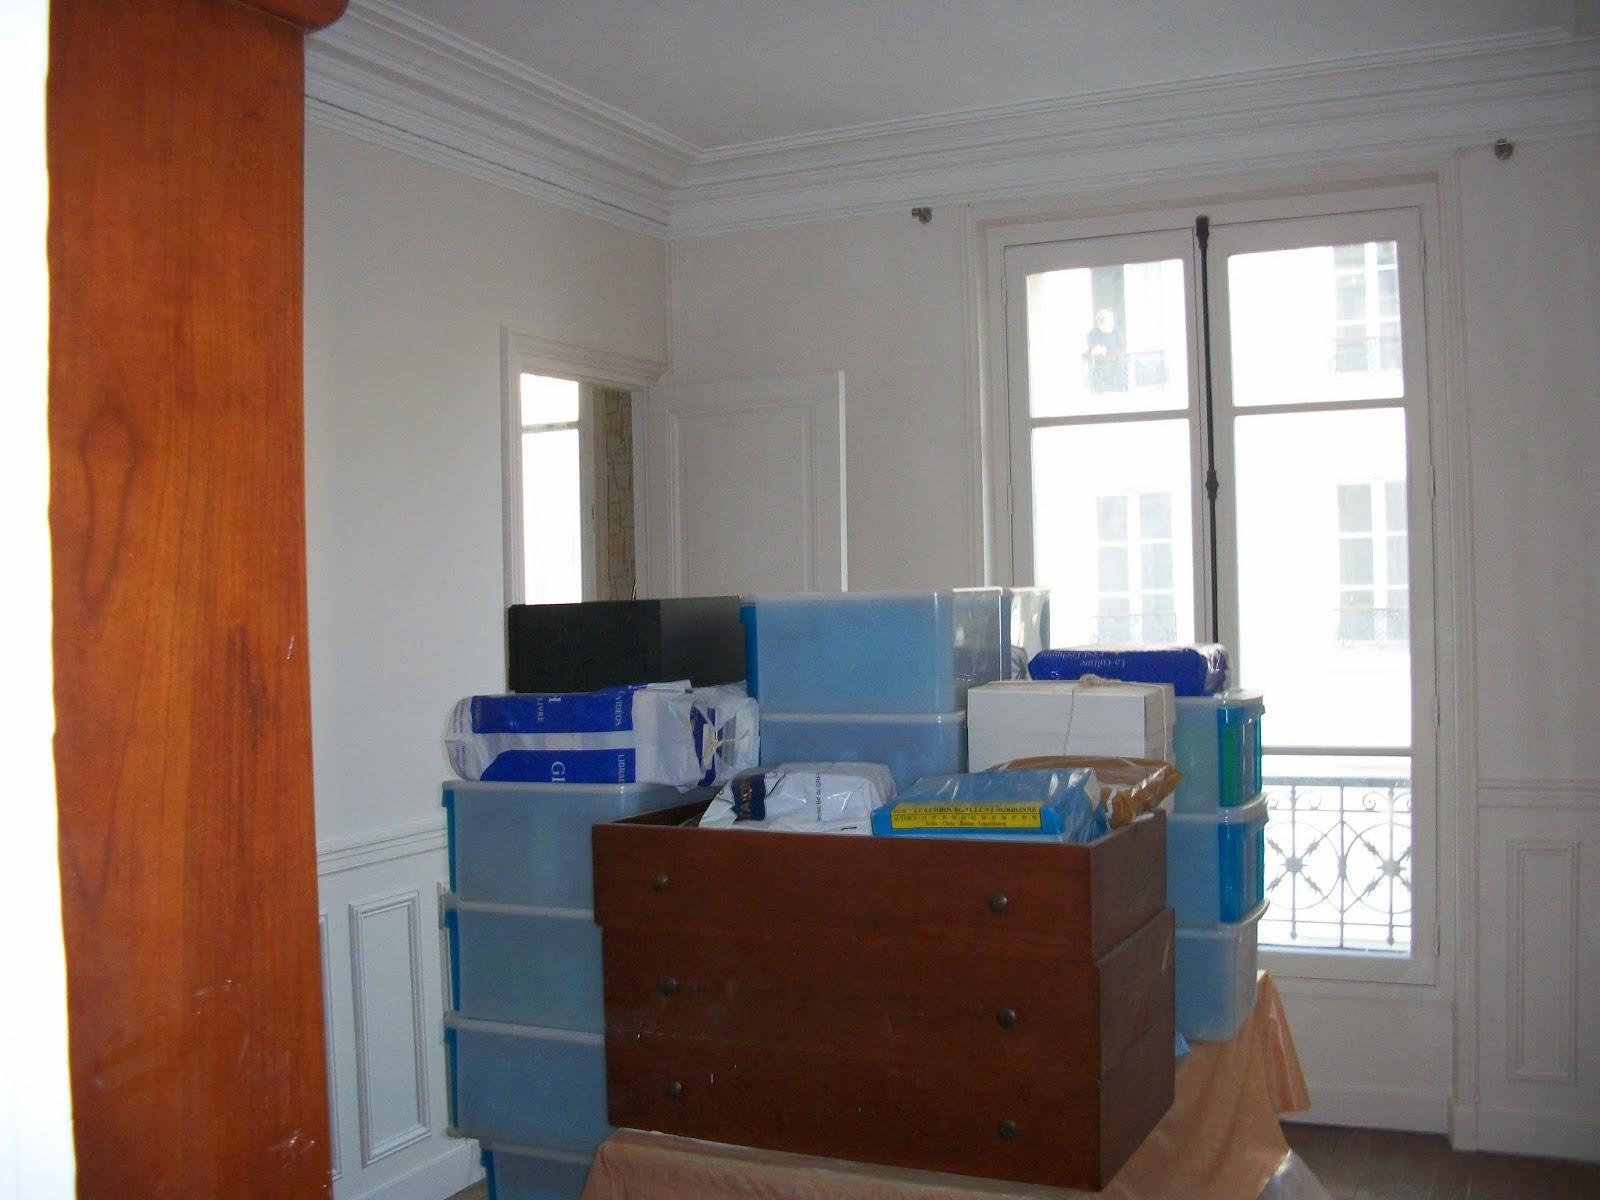 entreprise peinture pas cher paris travaux peinture pas cher paris artisan peintre batiment. Black Bedroom Furniture Sets. Home Design Ideas